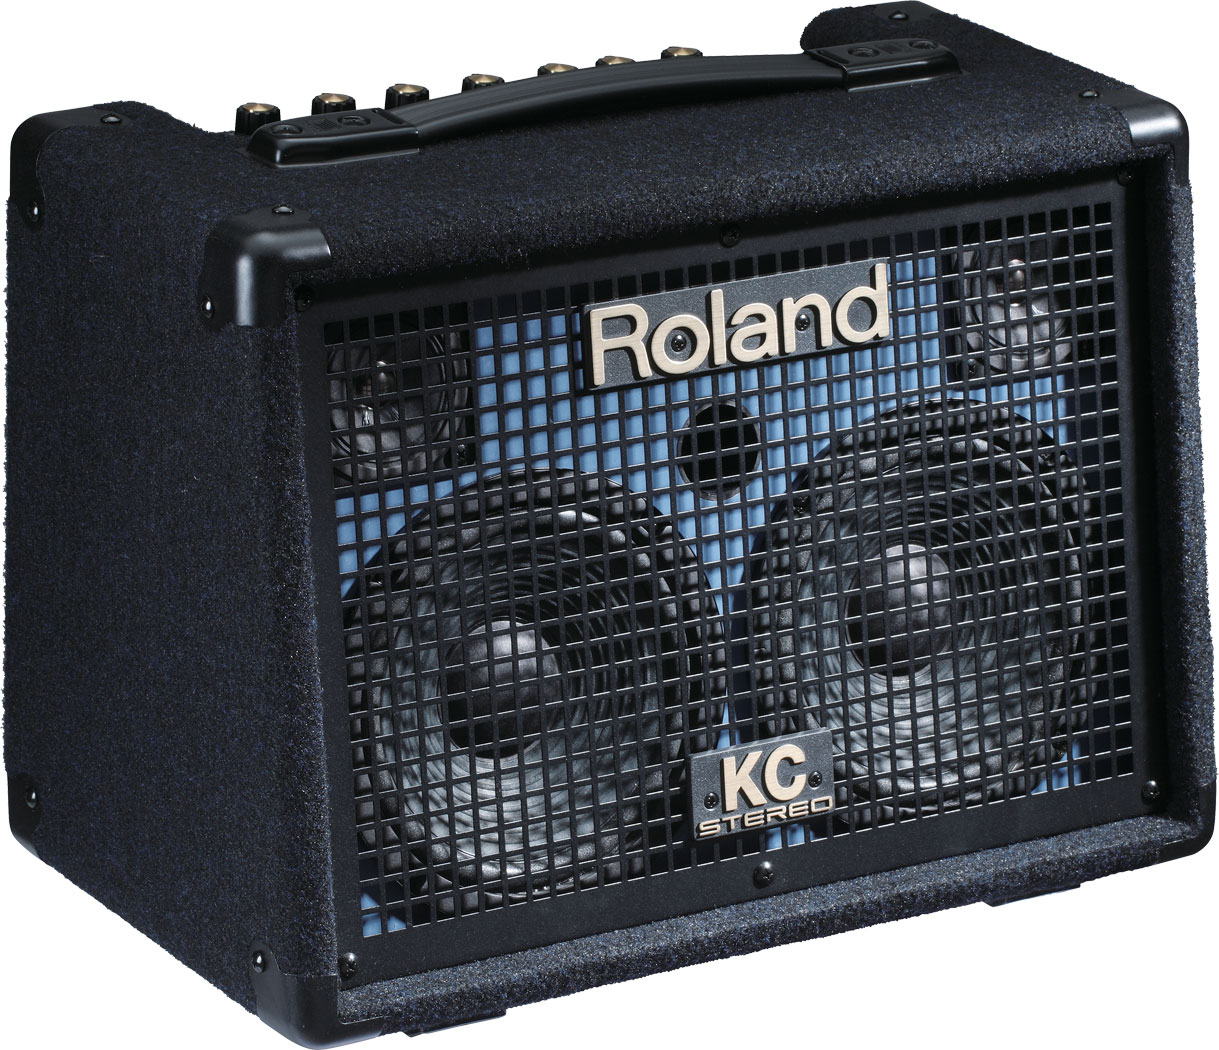 Keyboard Amp For Home Use : roland kc 110 stereo keyboard amplifier ~ Vivirlamusica.com Haus und Dekorationen